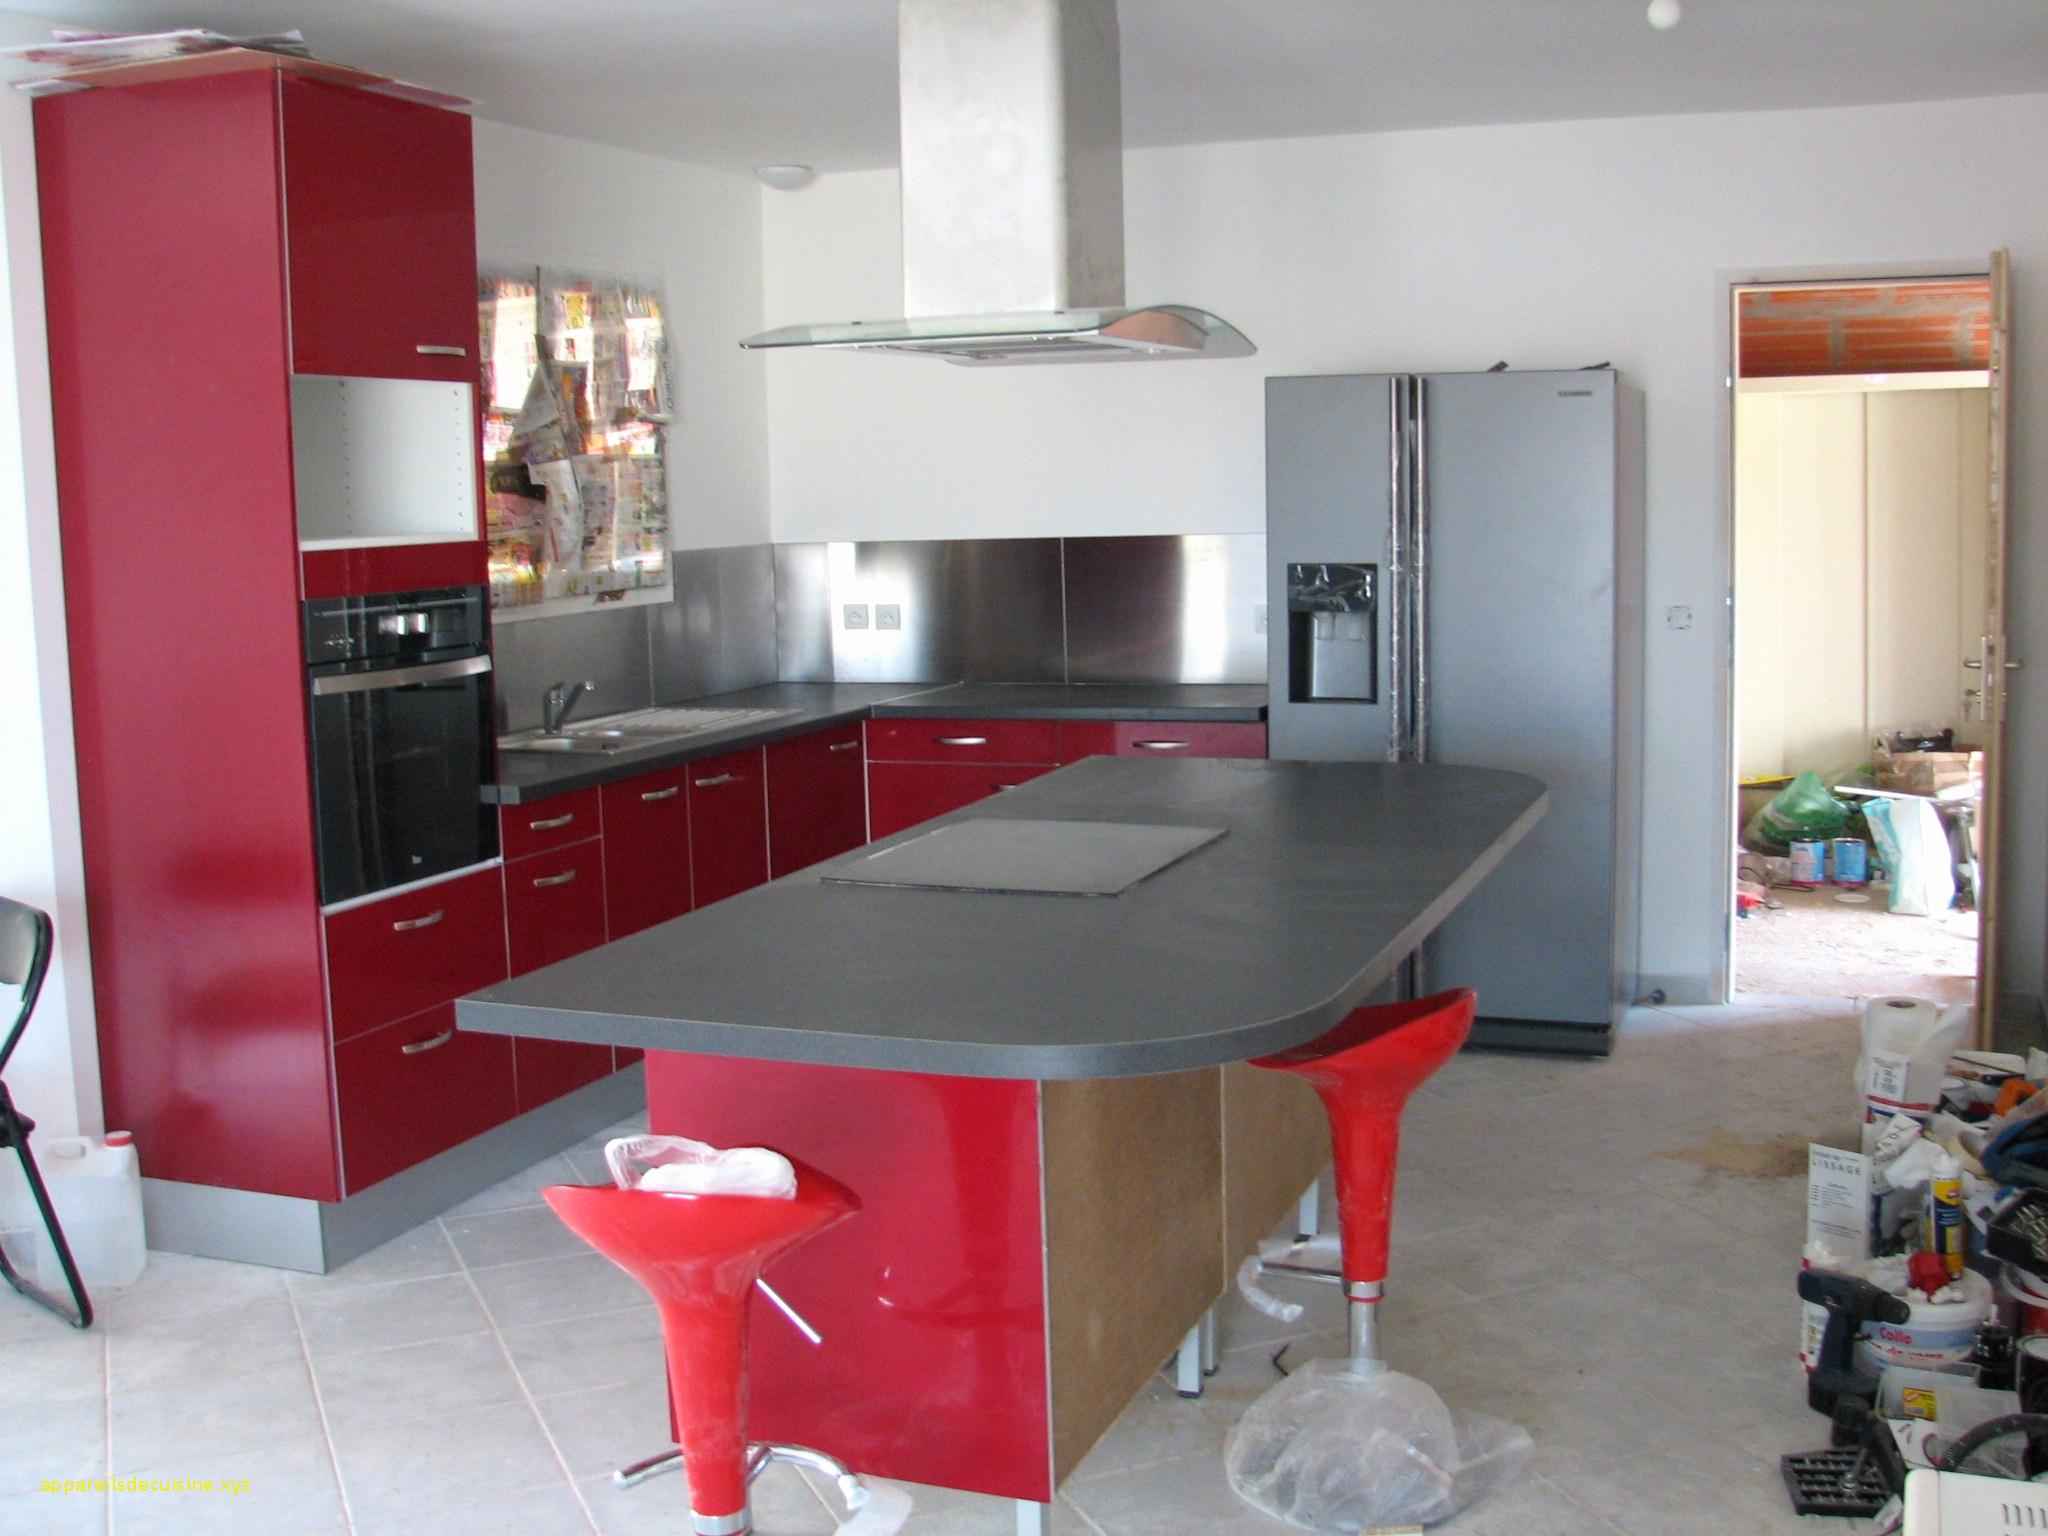 meuble cuisine brico depot bordeaux  idée pour cuisine